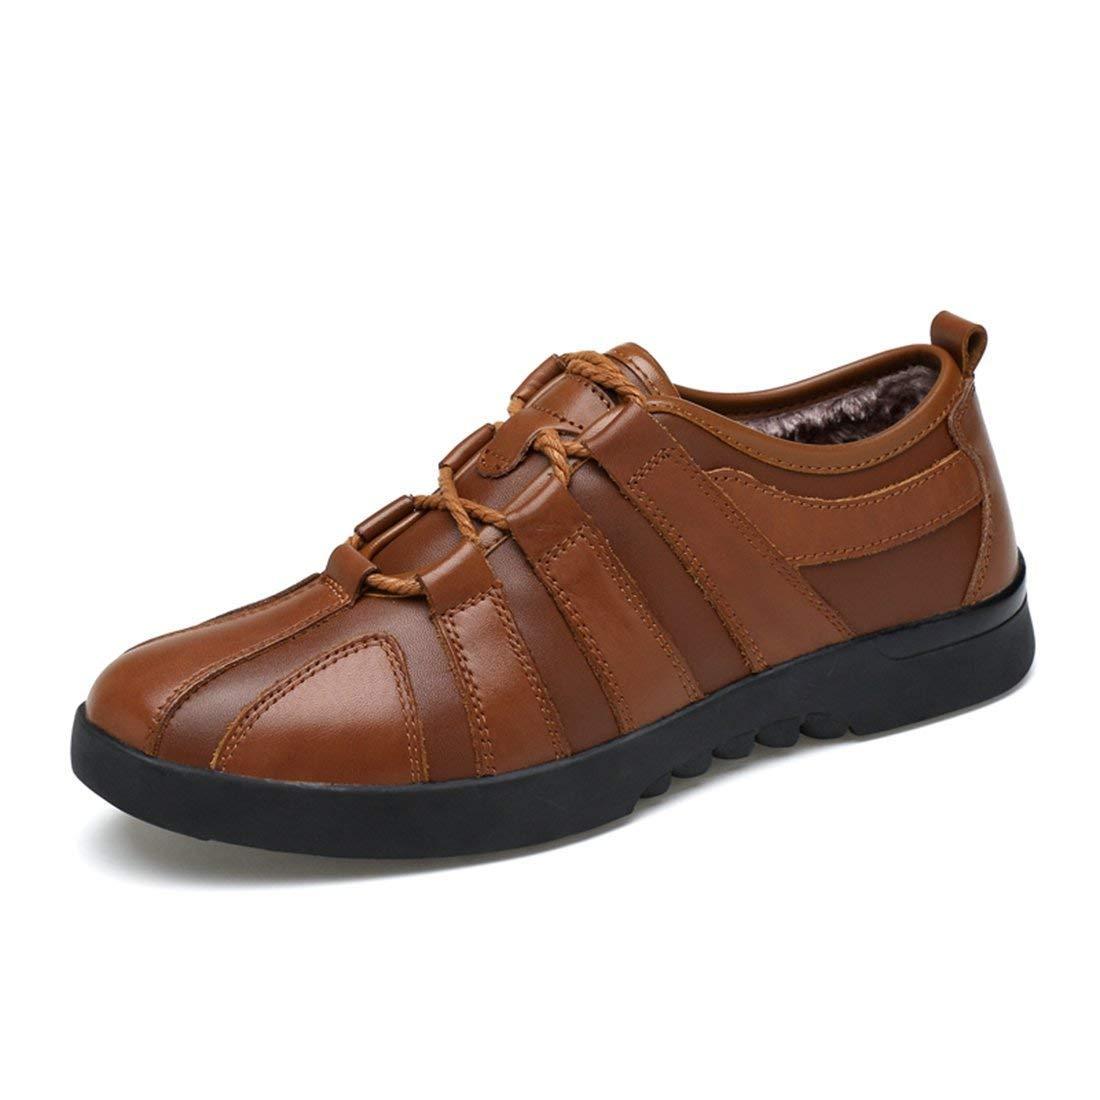 Fur Lined Brown Qiusa Boy's Men's Lace-up Tie Cap-Toe Outdoor Walking shoes (color   Black, Size   7.5 UK)